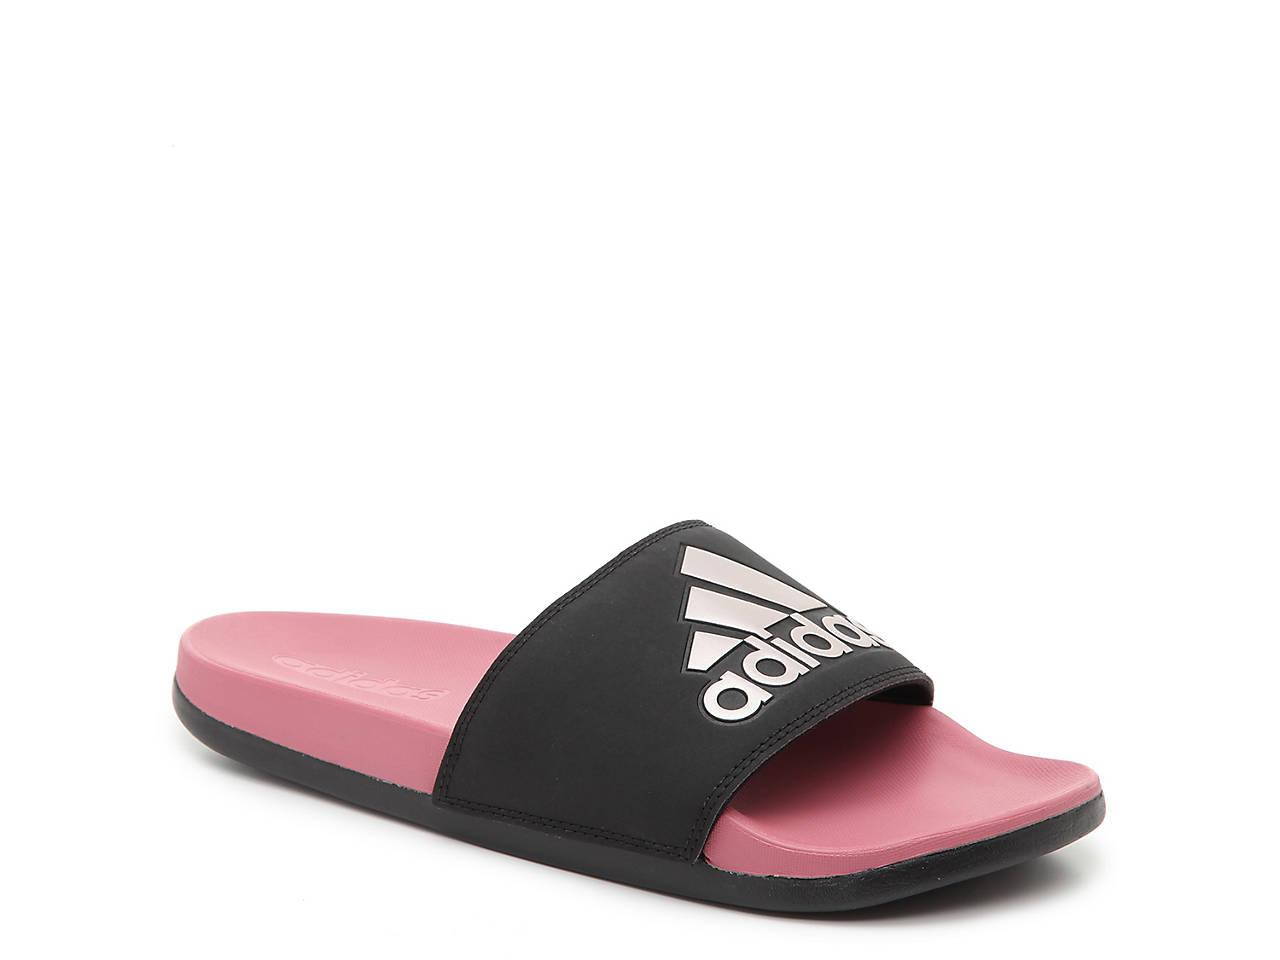 90faaba304c9 adidas Adilette Slide Sandal - Women s Women s Shoes